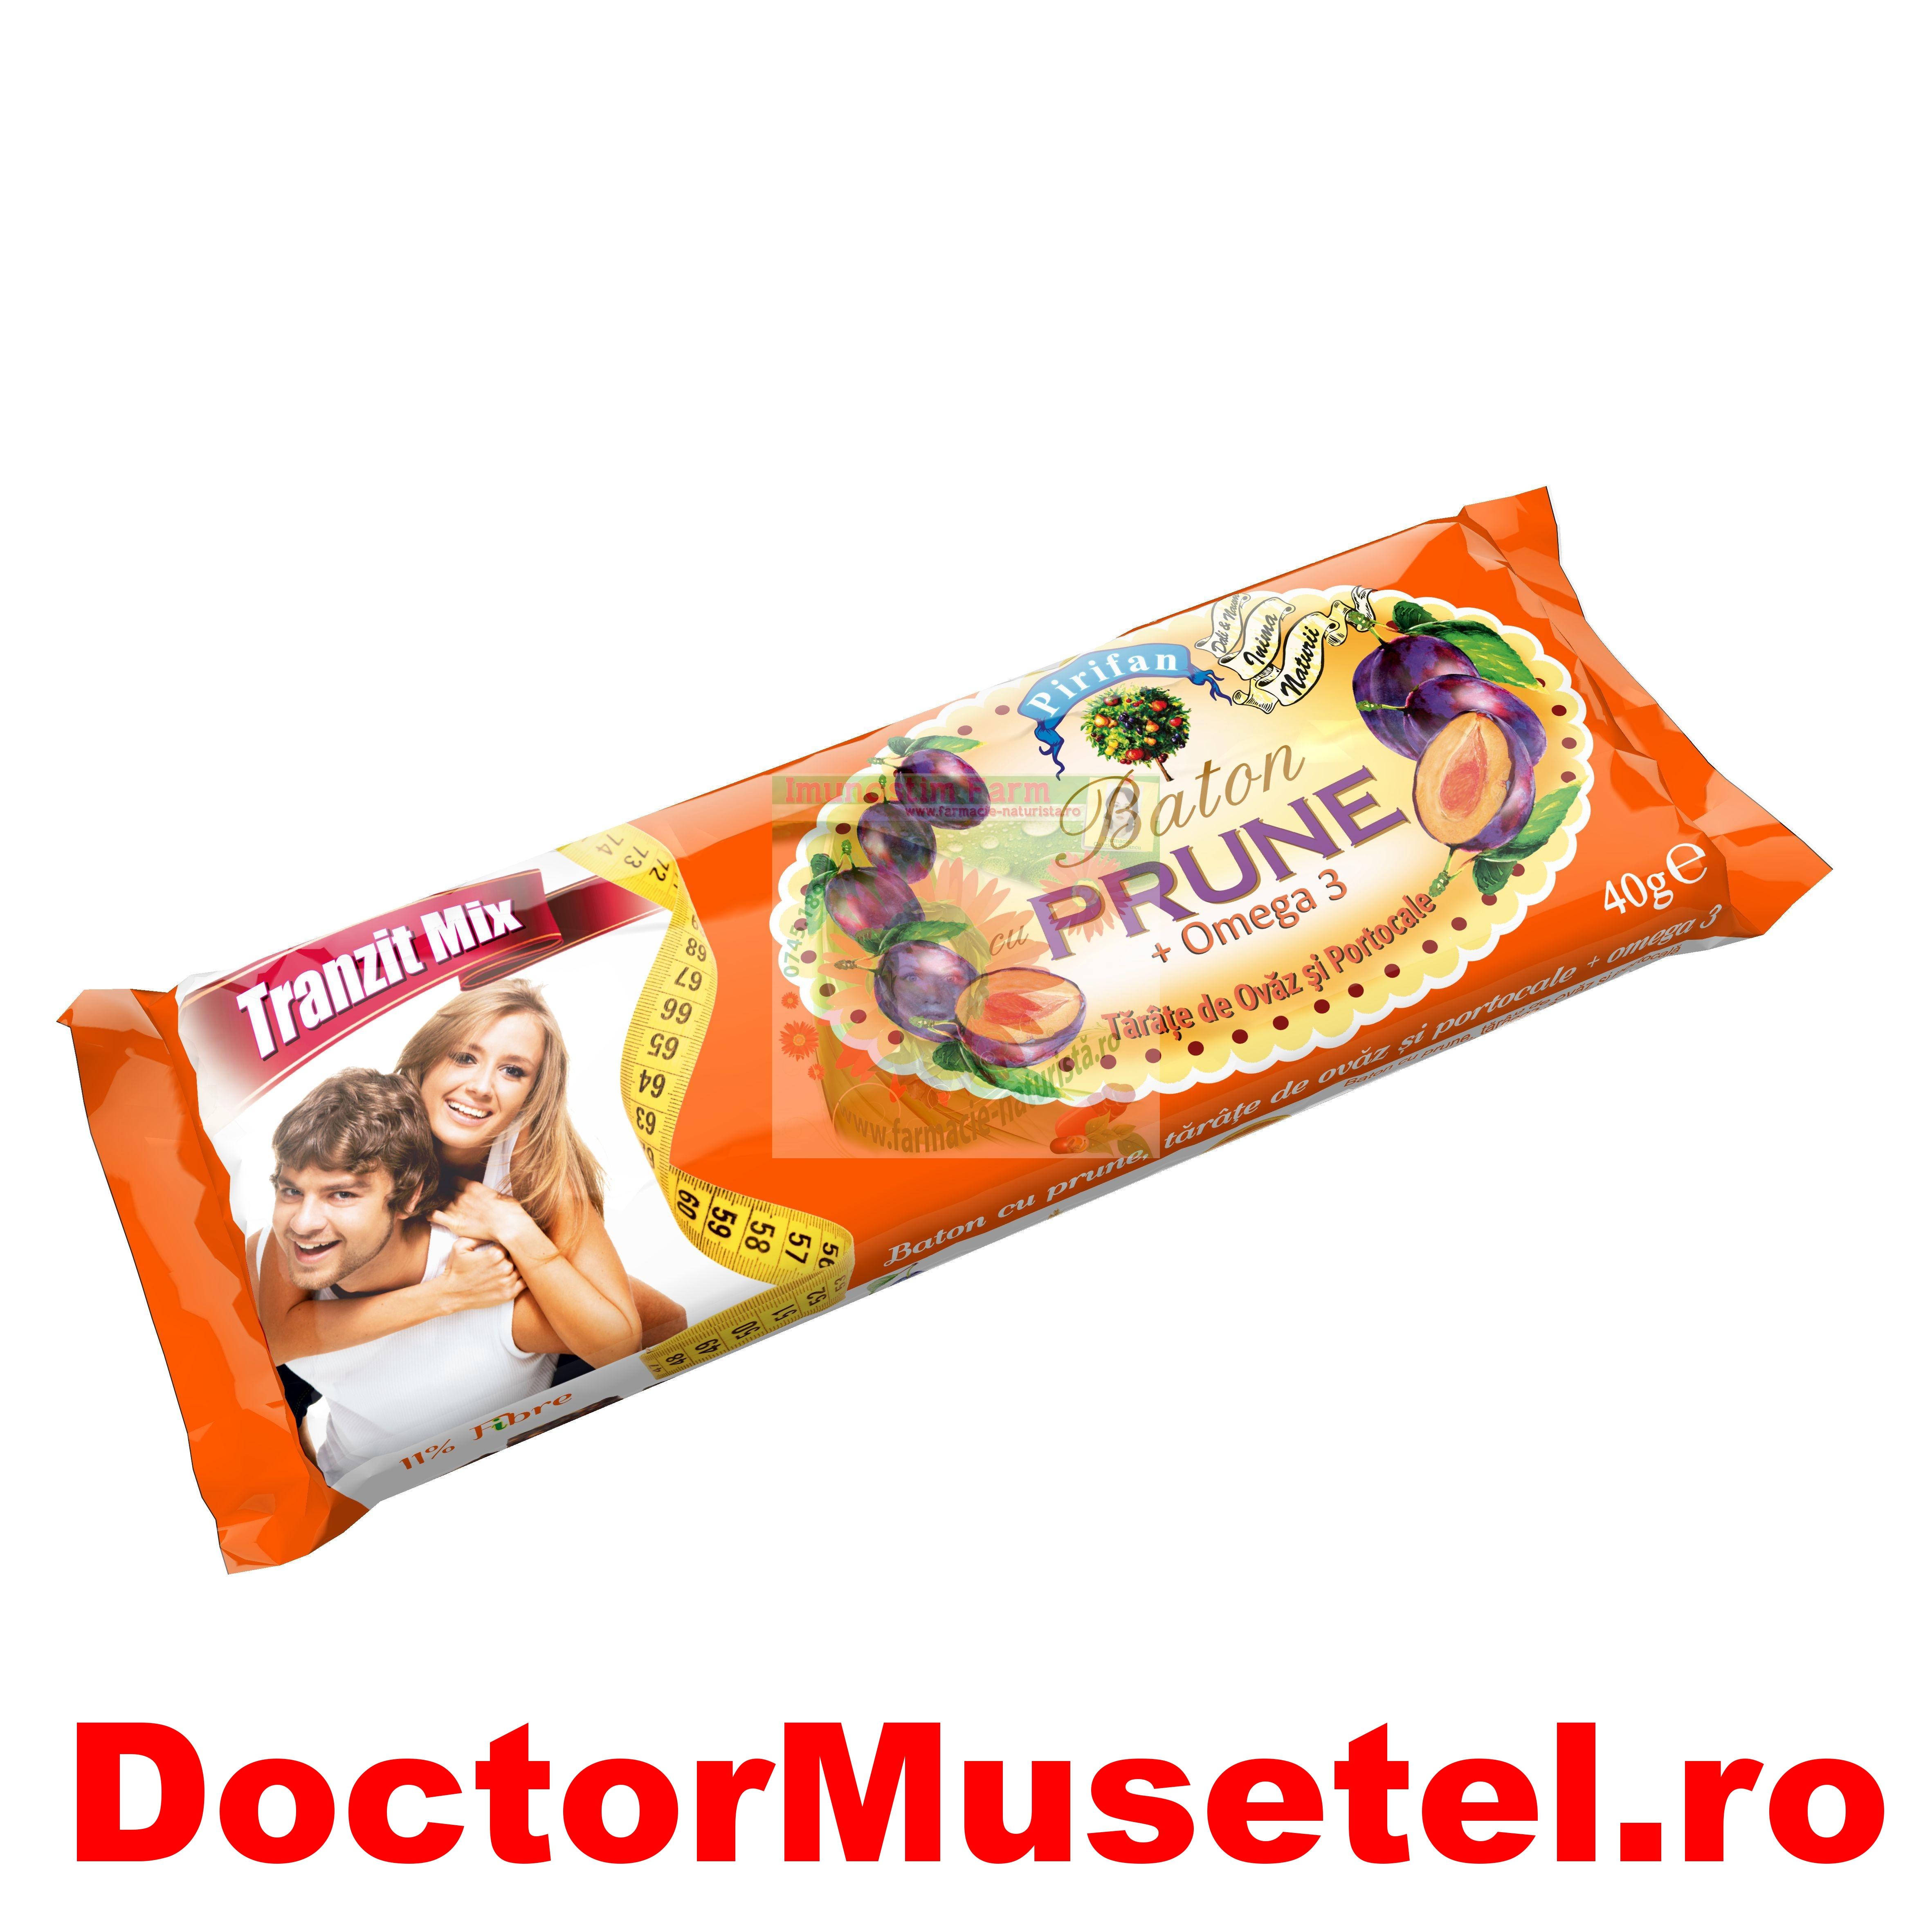 Baton-tranzit-mix--prune-cu-tarate-de-ovaz-si-portocale-omeg-3-40g-PIRIFAN-www-farmacie-naturista-ro.jpg